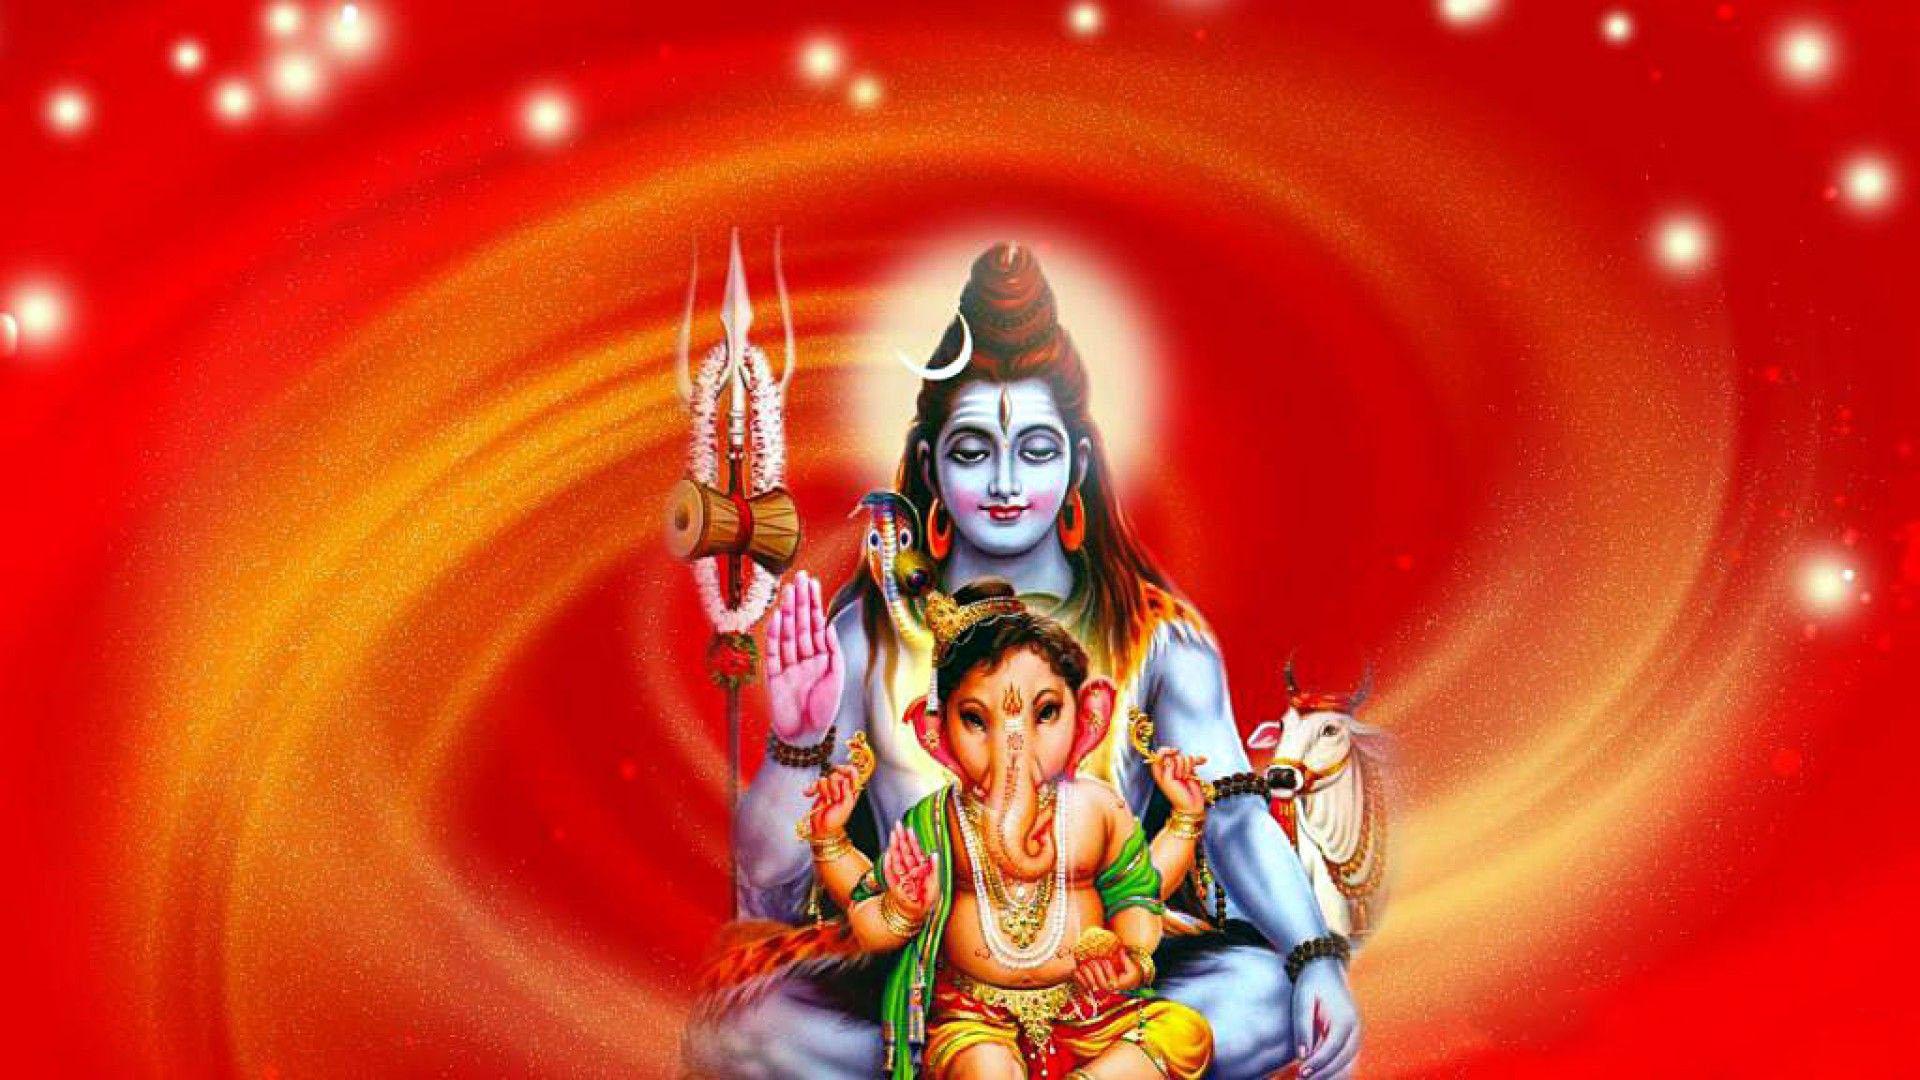 Shiv Ganesh Hd Wallpaper